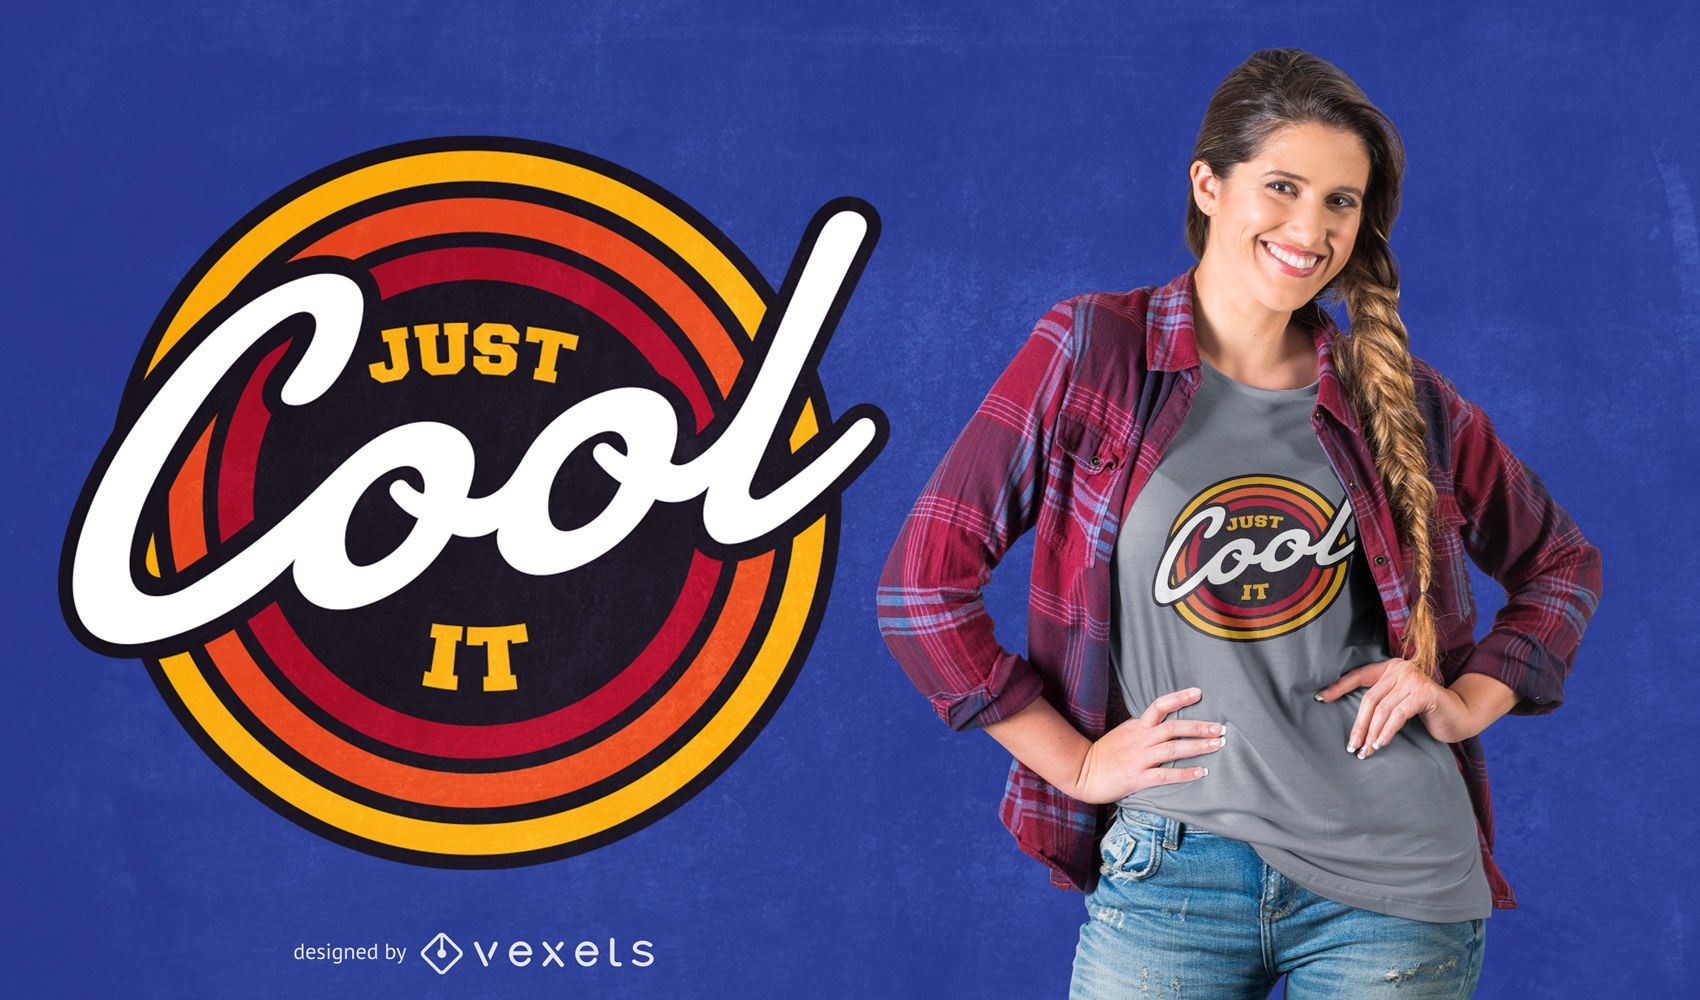 Retro cool quote t-shirt design